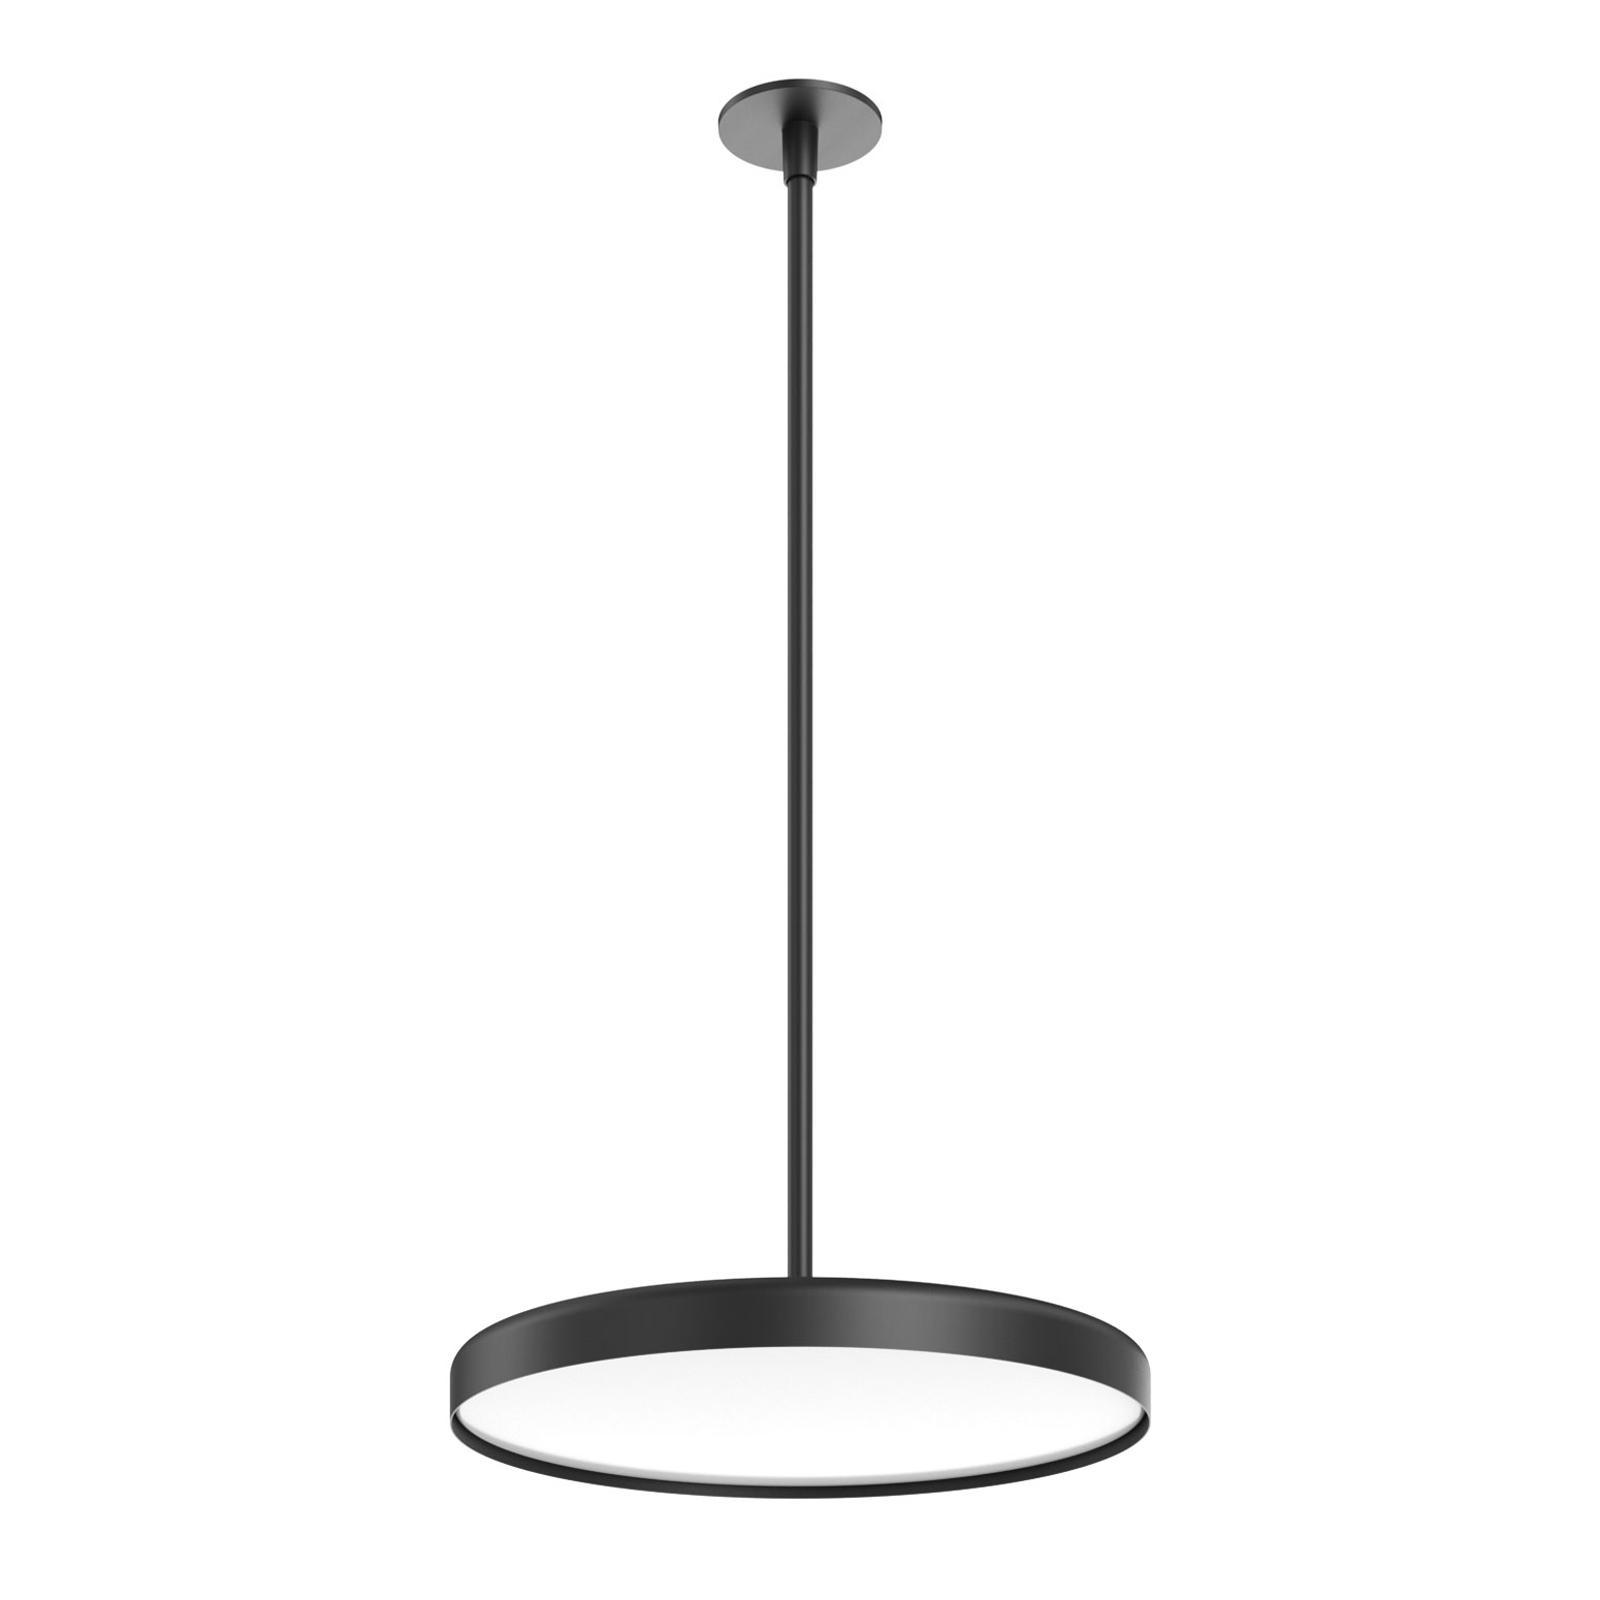 FLOS Infra-Structure C1 LED-Deckenlampe schwarz